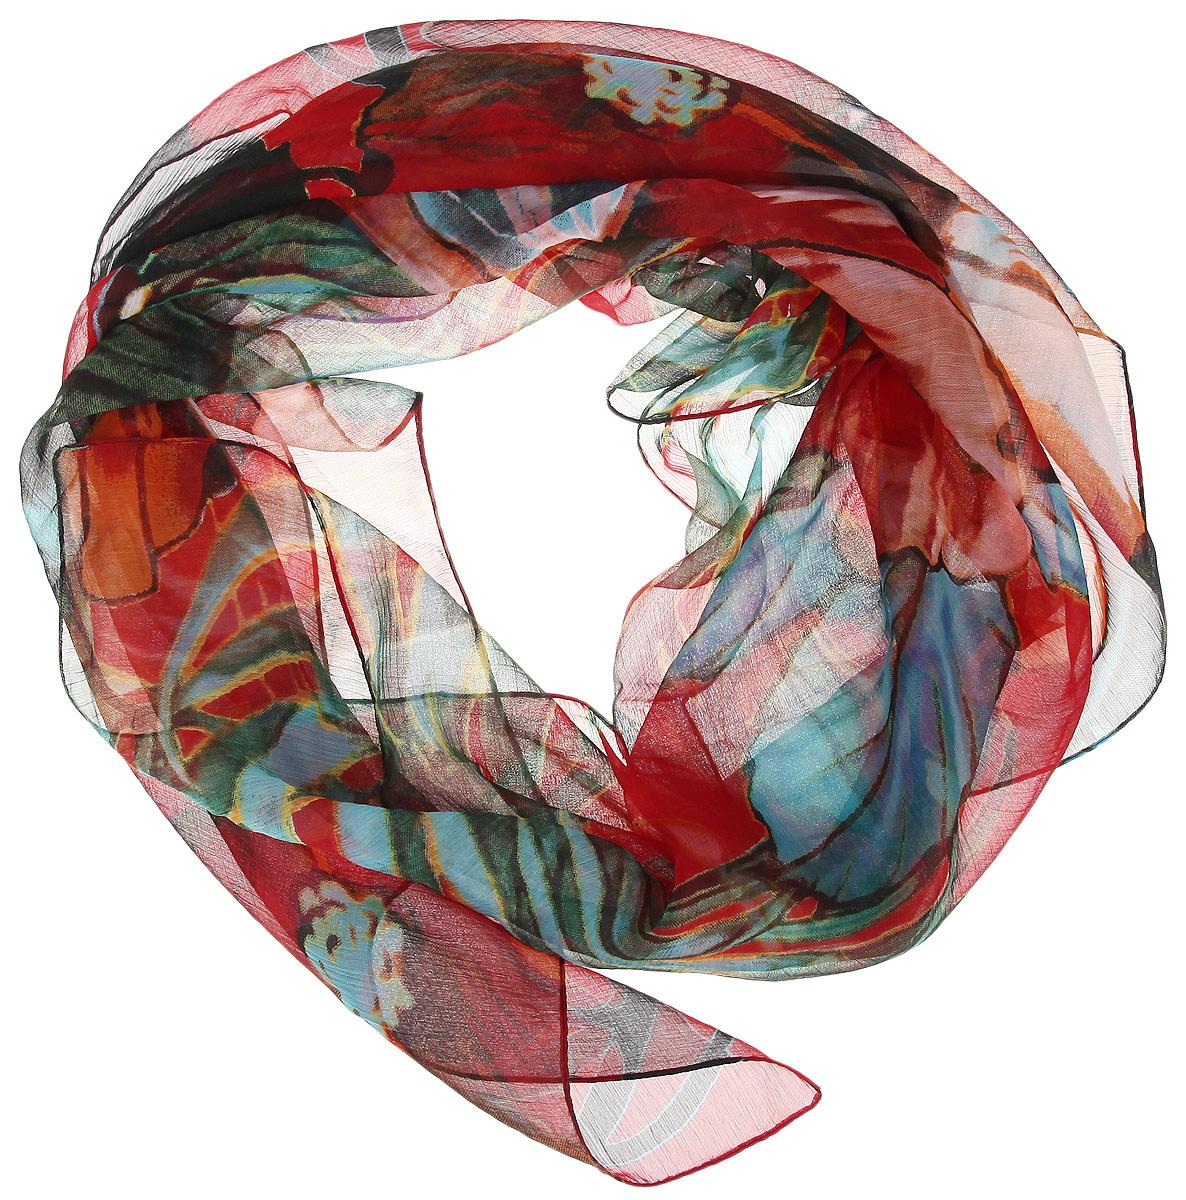 524040нСтильный женский платок Ethnica станет великолепным завершением любого наряда. Легкий платок изготовлен из 100% вискозы. Он оформлен оригинальным принтом с изображением крупных цветов. Классическая квадратная форма позволяет носить платок на шее, украшать им прическу или декорировать сумочку. Мягкий и шелковистый платок поможет вам создать изысканный женственный образ, а также согреет в непогоду. Такой платок превосходно дополнит любой наряд и подчеркнет ваш неповторимый вкус и элегантность.